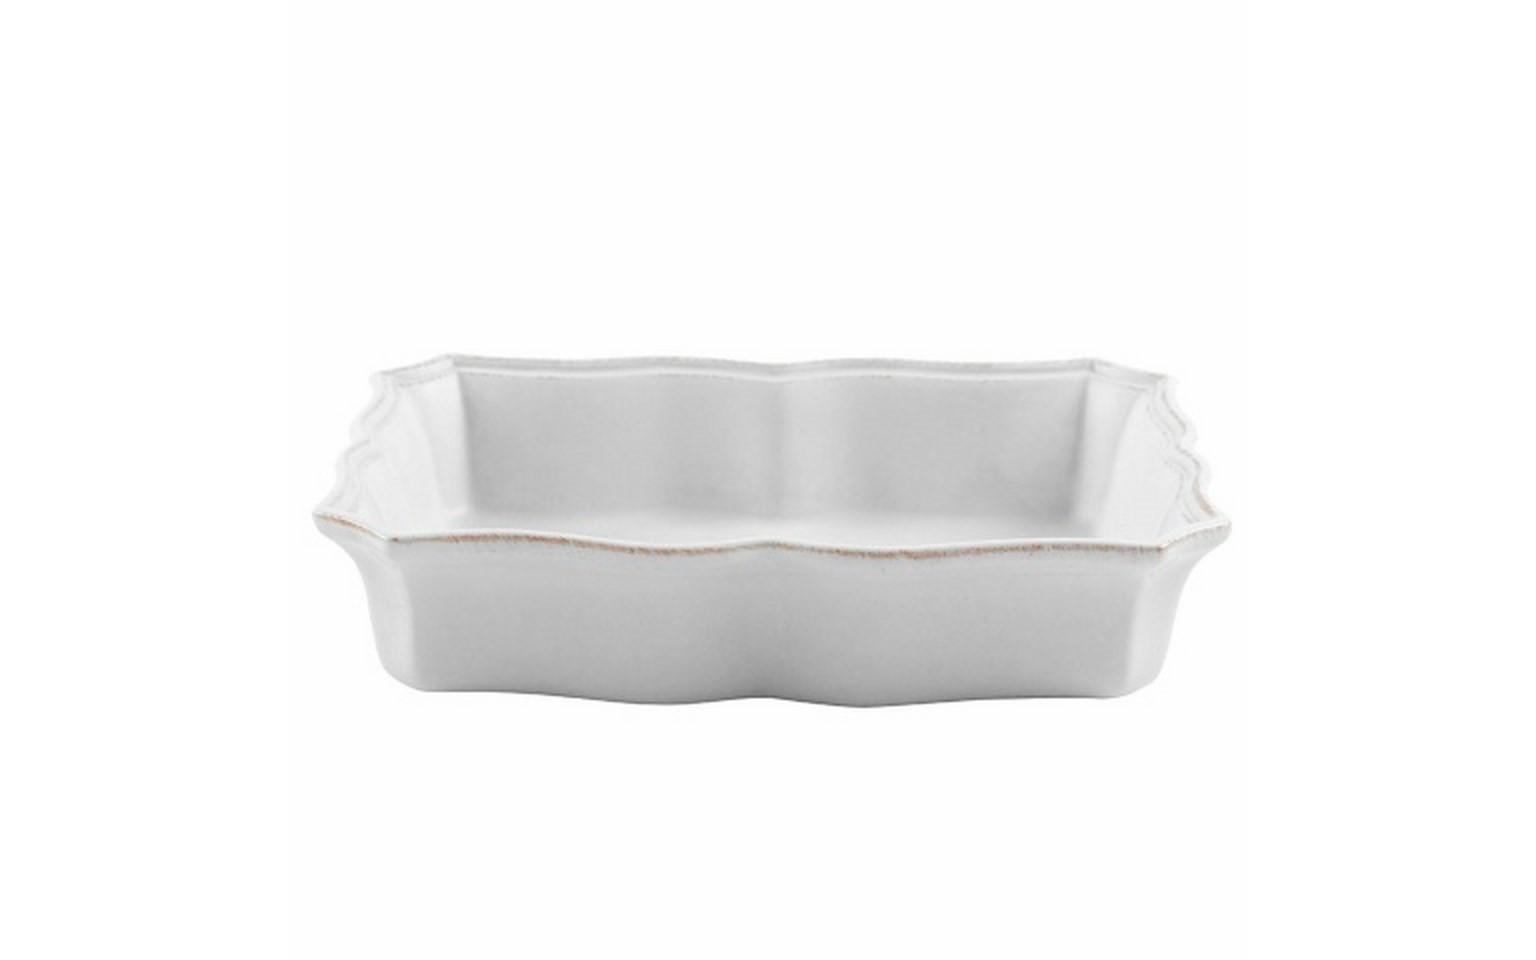 Блюдо для запеканияДекоративные блюда<br>Costa Nova (Португалия) – керамическая посуда из самого сердца Португалии. Она абсолютно устойчива к мытью, даже в посудомоечной машине, ее вполне можно использовать для замораживания продуктов и в микроволновой печи, при этом можно не бояться повредить эту великолепную глазурь и свежие краски. Такую посуду легко мыть, при ее очистке можно использовать металлические губки – и все это благодаря прочному глазурованному покрытию. Все серии посуды от Costa Nova отвечают международным стандартам качества. Керамическая посуда от Costa Nova не содержит такие вещества, как свинец и кадмий.<br><br>Material: Керамика<br>Width см: 35<br>Depth см: 25